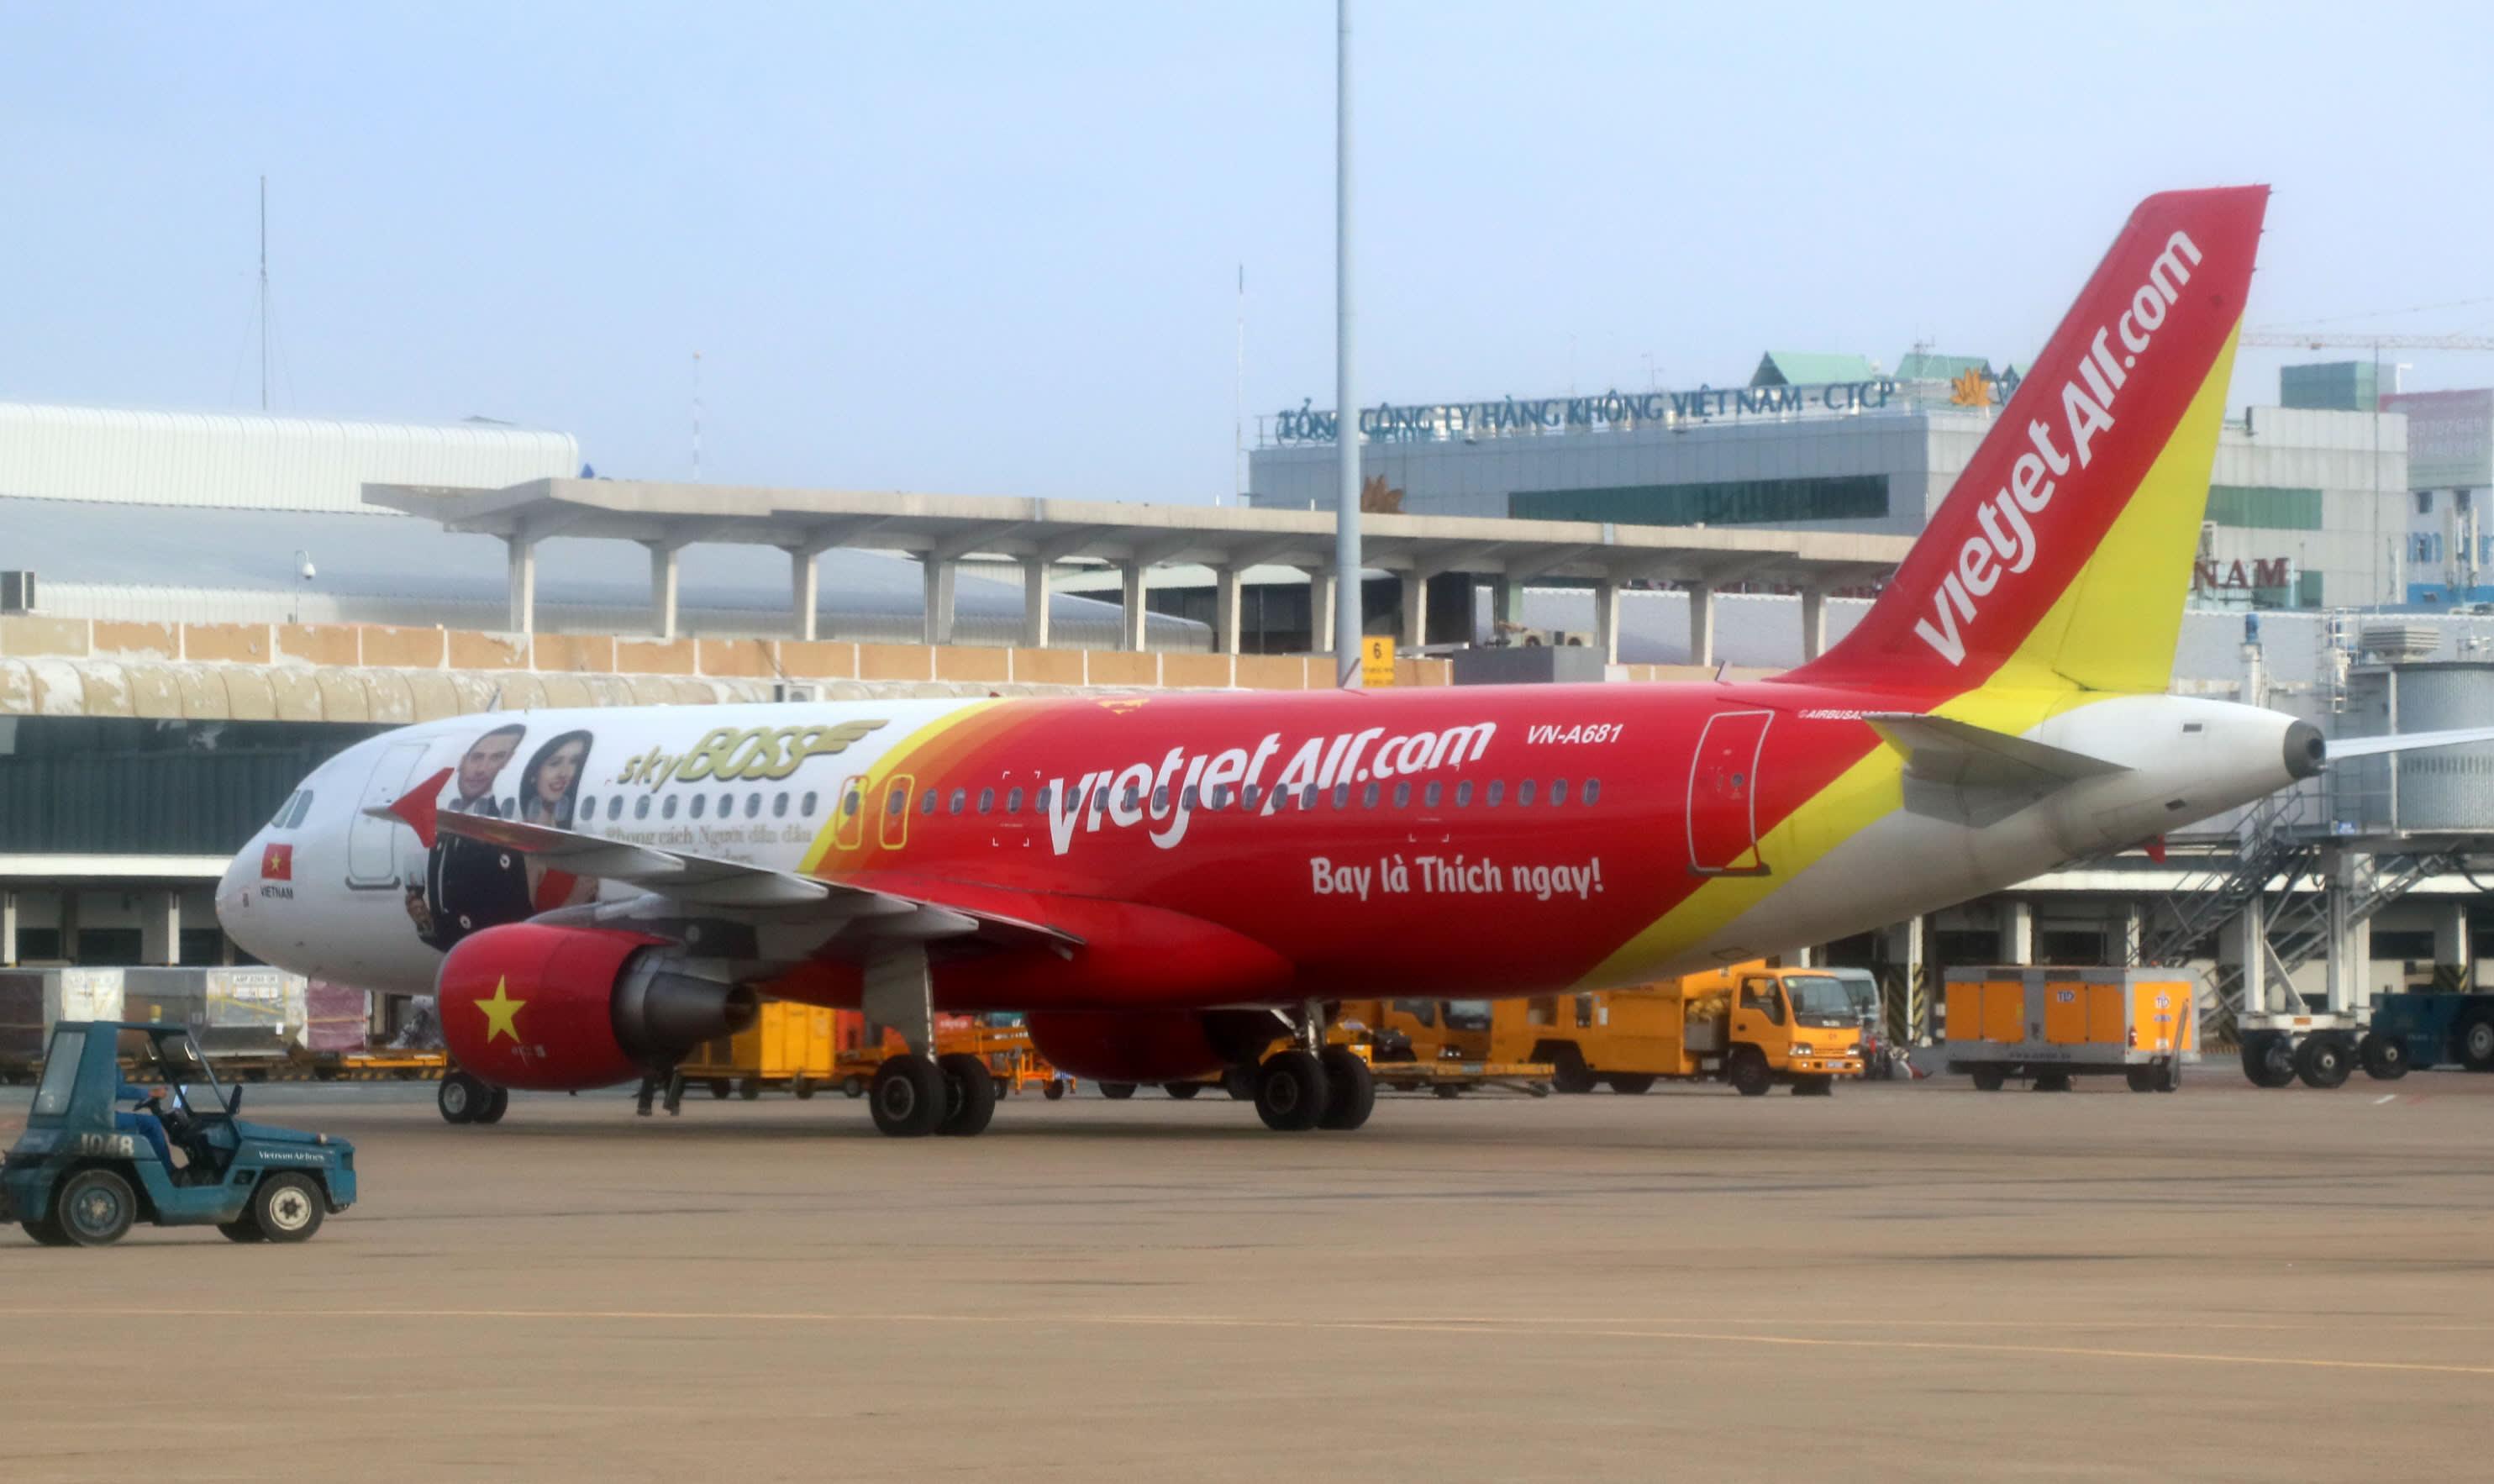 Liên quan đến hợp đồng mua 200 tàu bay Boeing 737 Max, cổ phiếu Vietjet Air ra sao? - 2